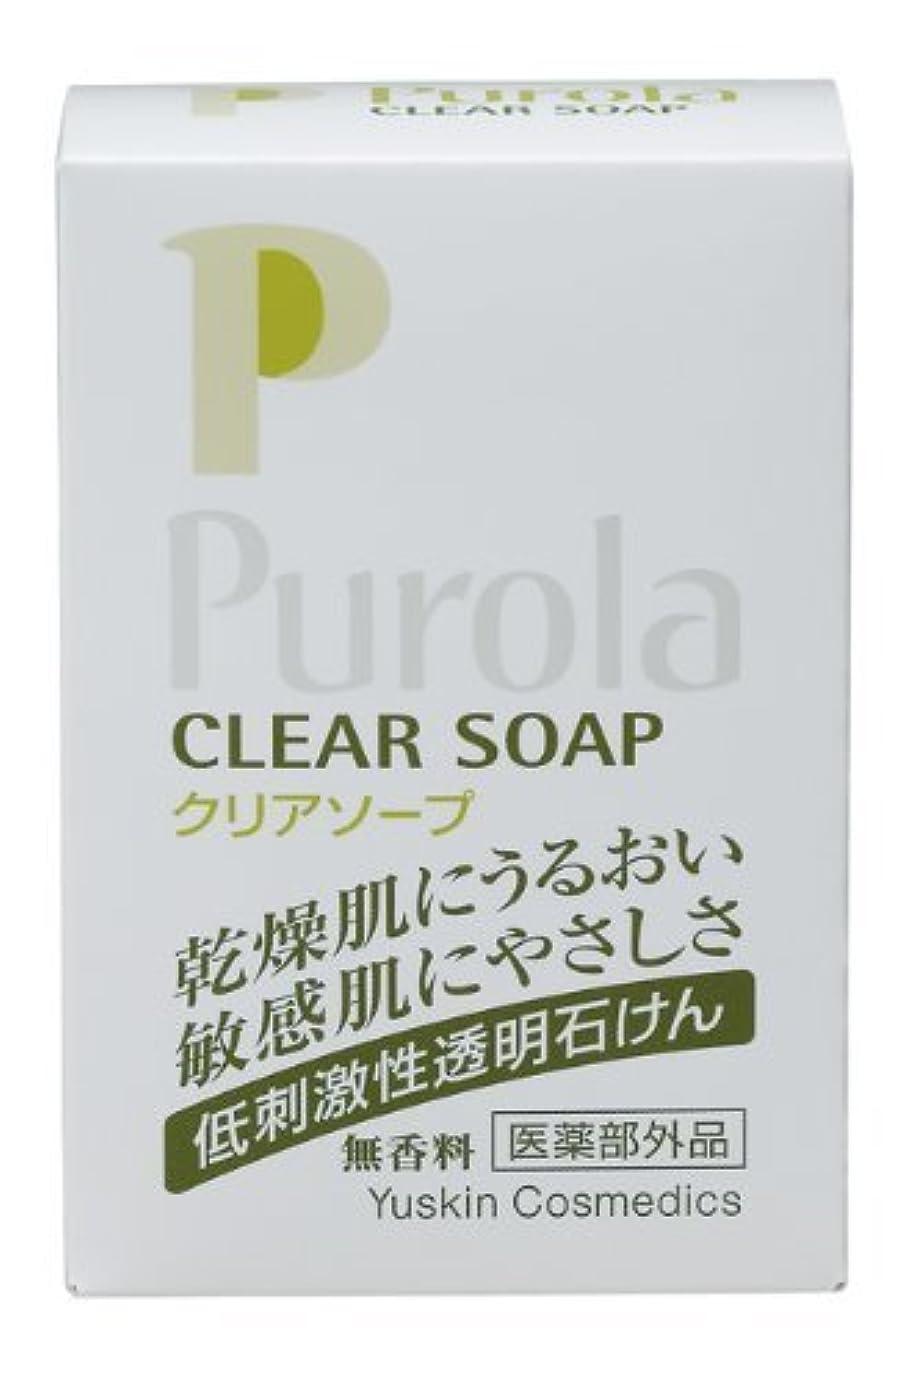 プローラ 薬用クリアソープ 100g (敏感肌用 透明石鹸) 【医薬部外品】